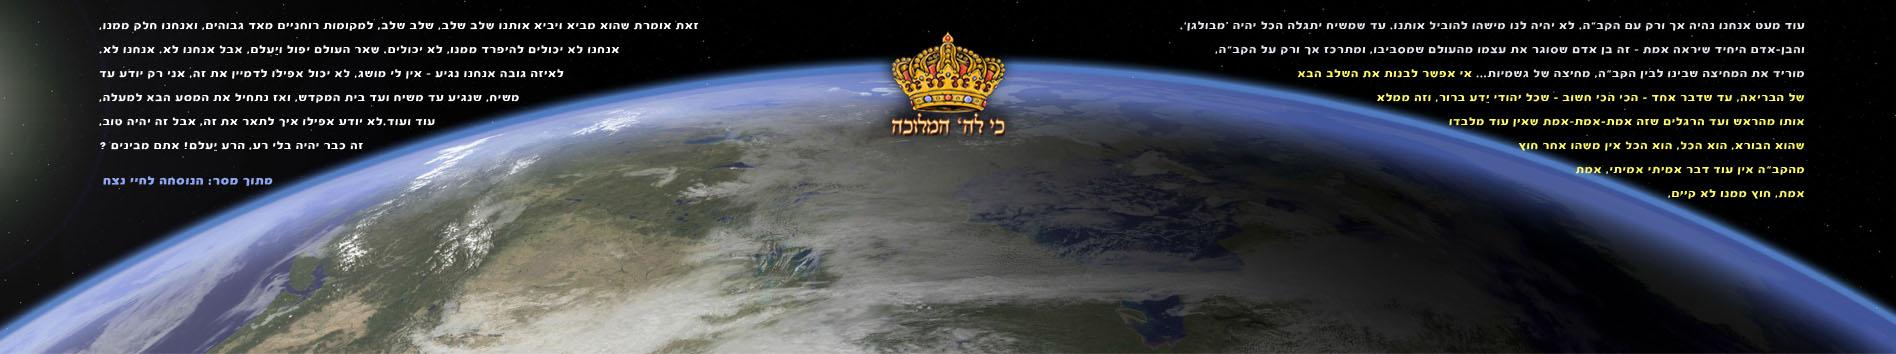 """מסרים מהשמים- עדות של  קצין צה""""ל שחוה  מוות קליני"""